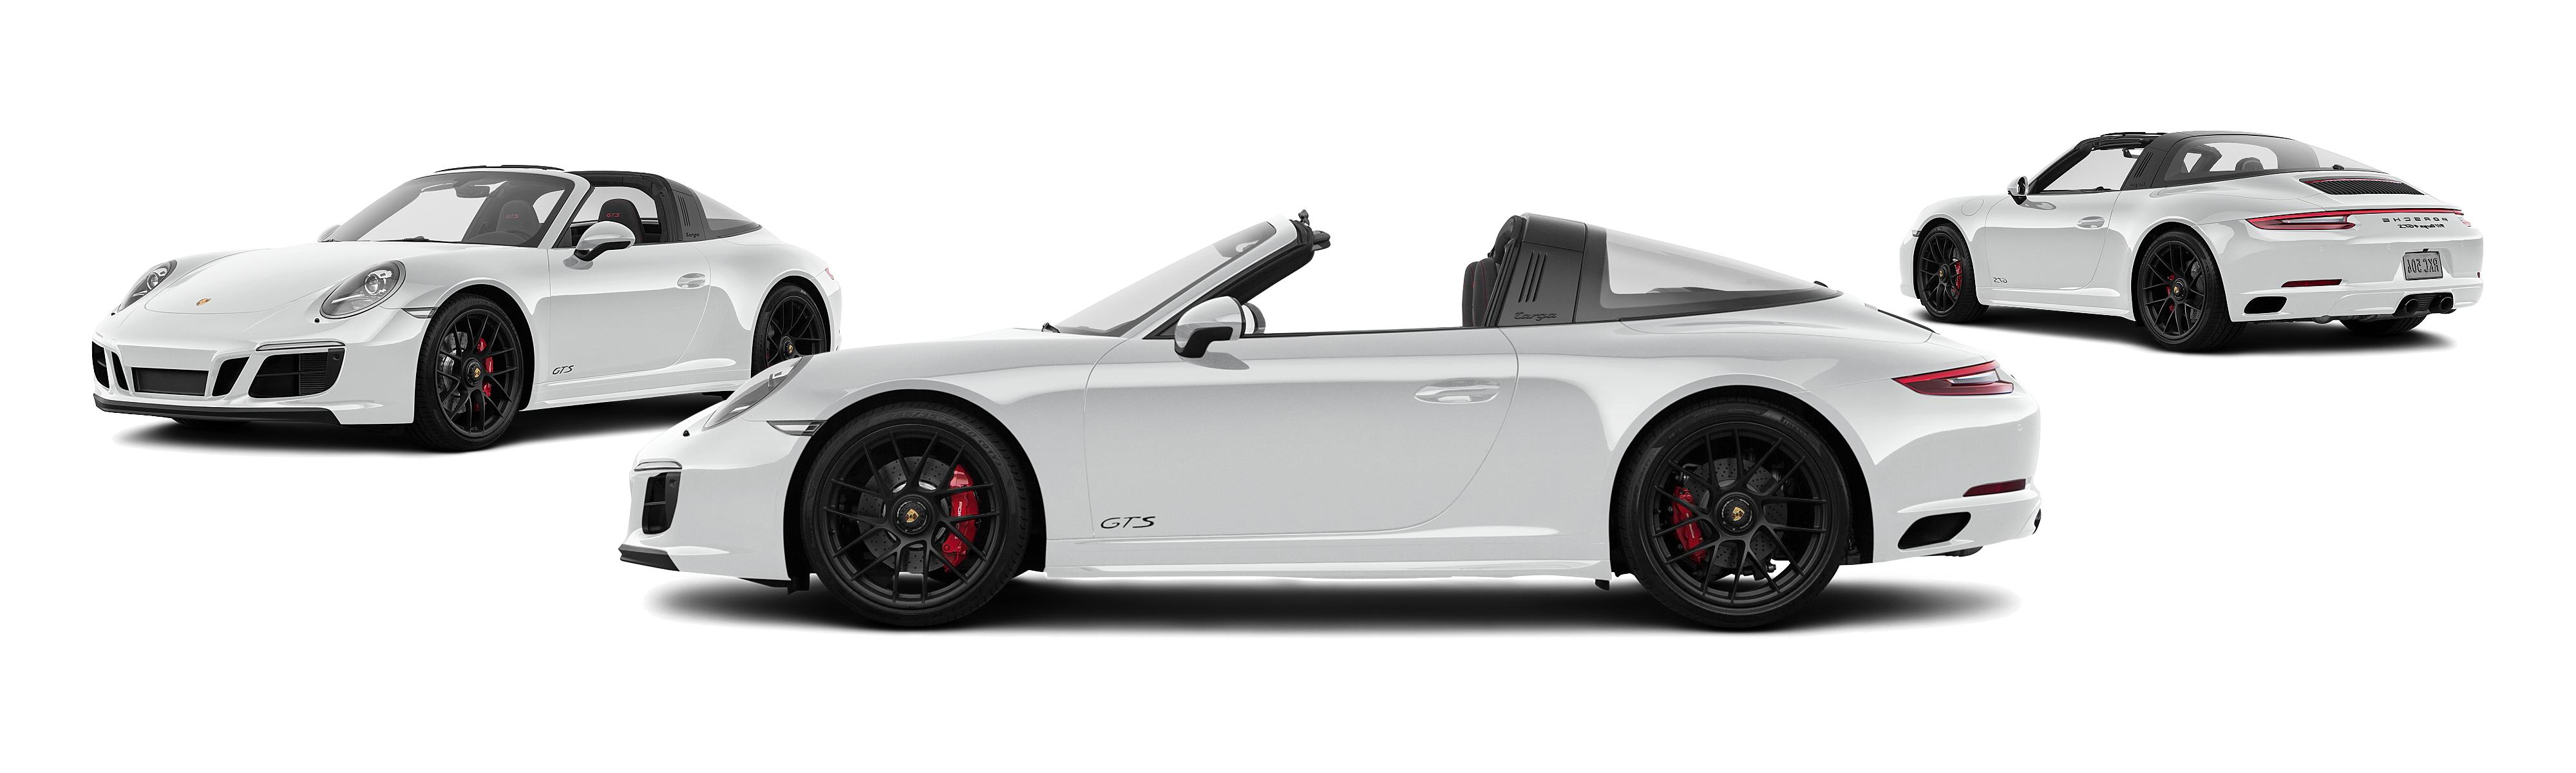 2018 porsche 911 awd targa 4 gts 2dr convertible carrara white metallic posite large